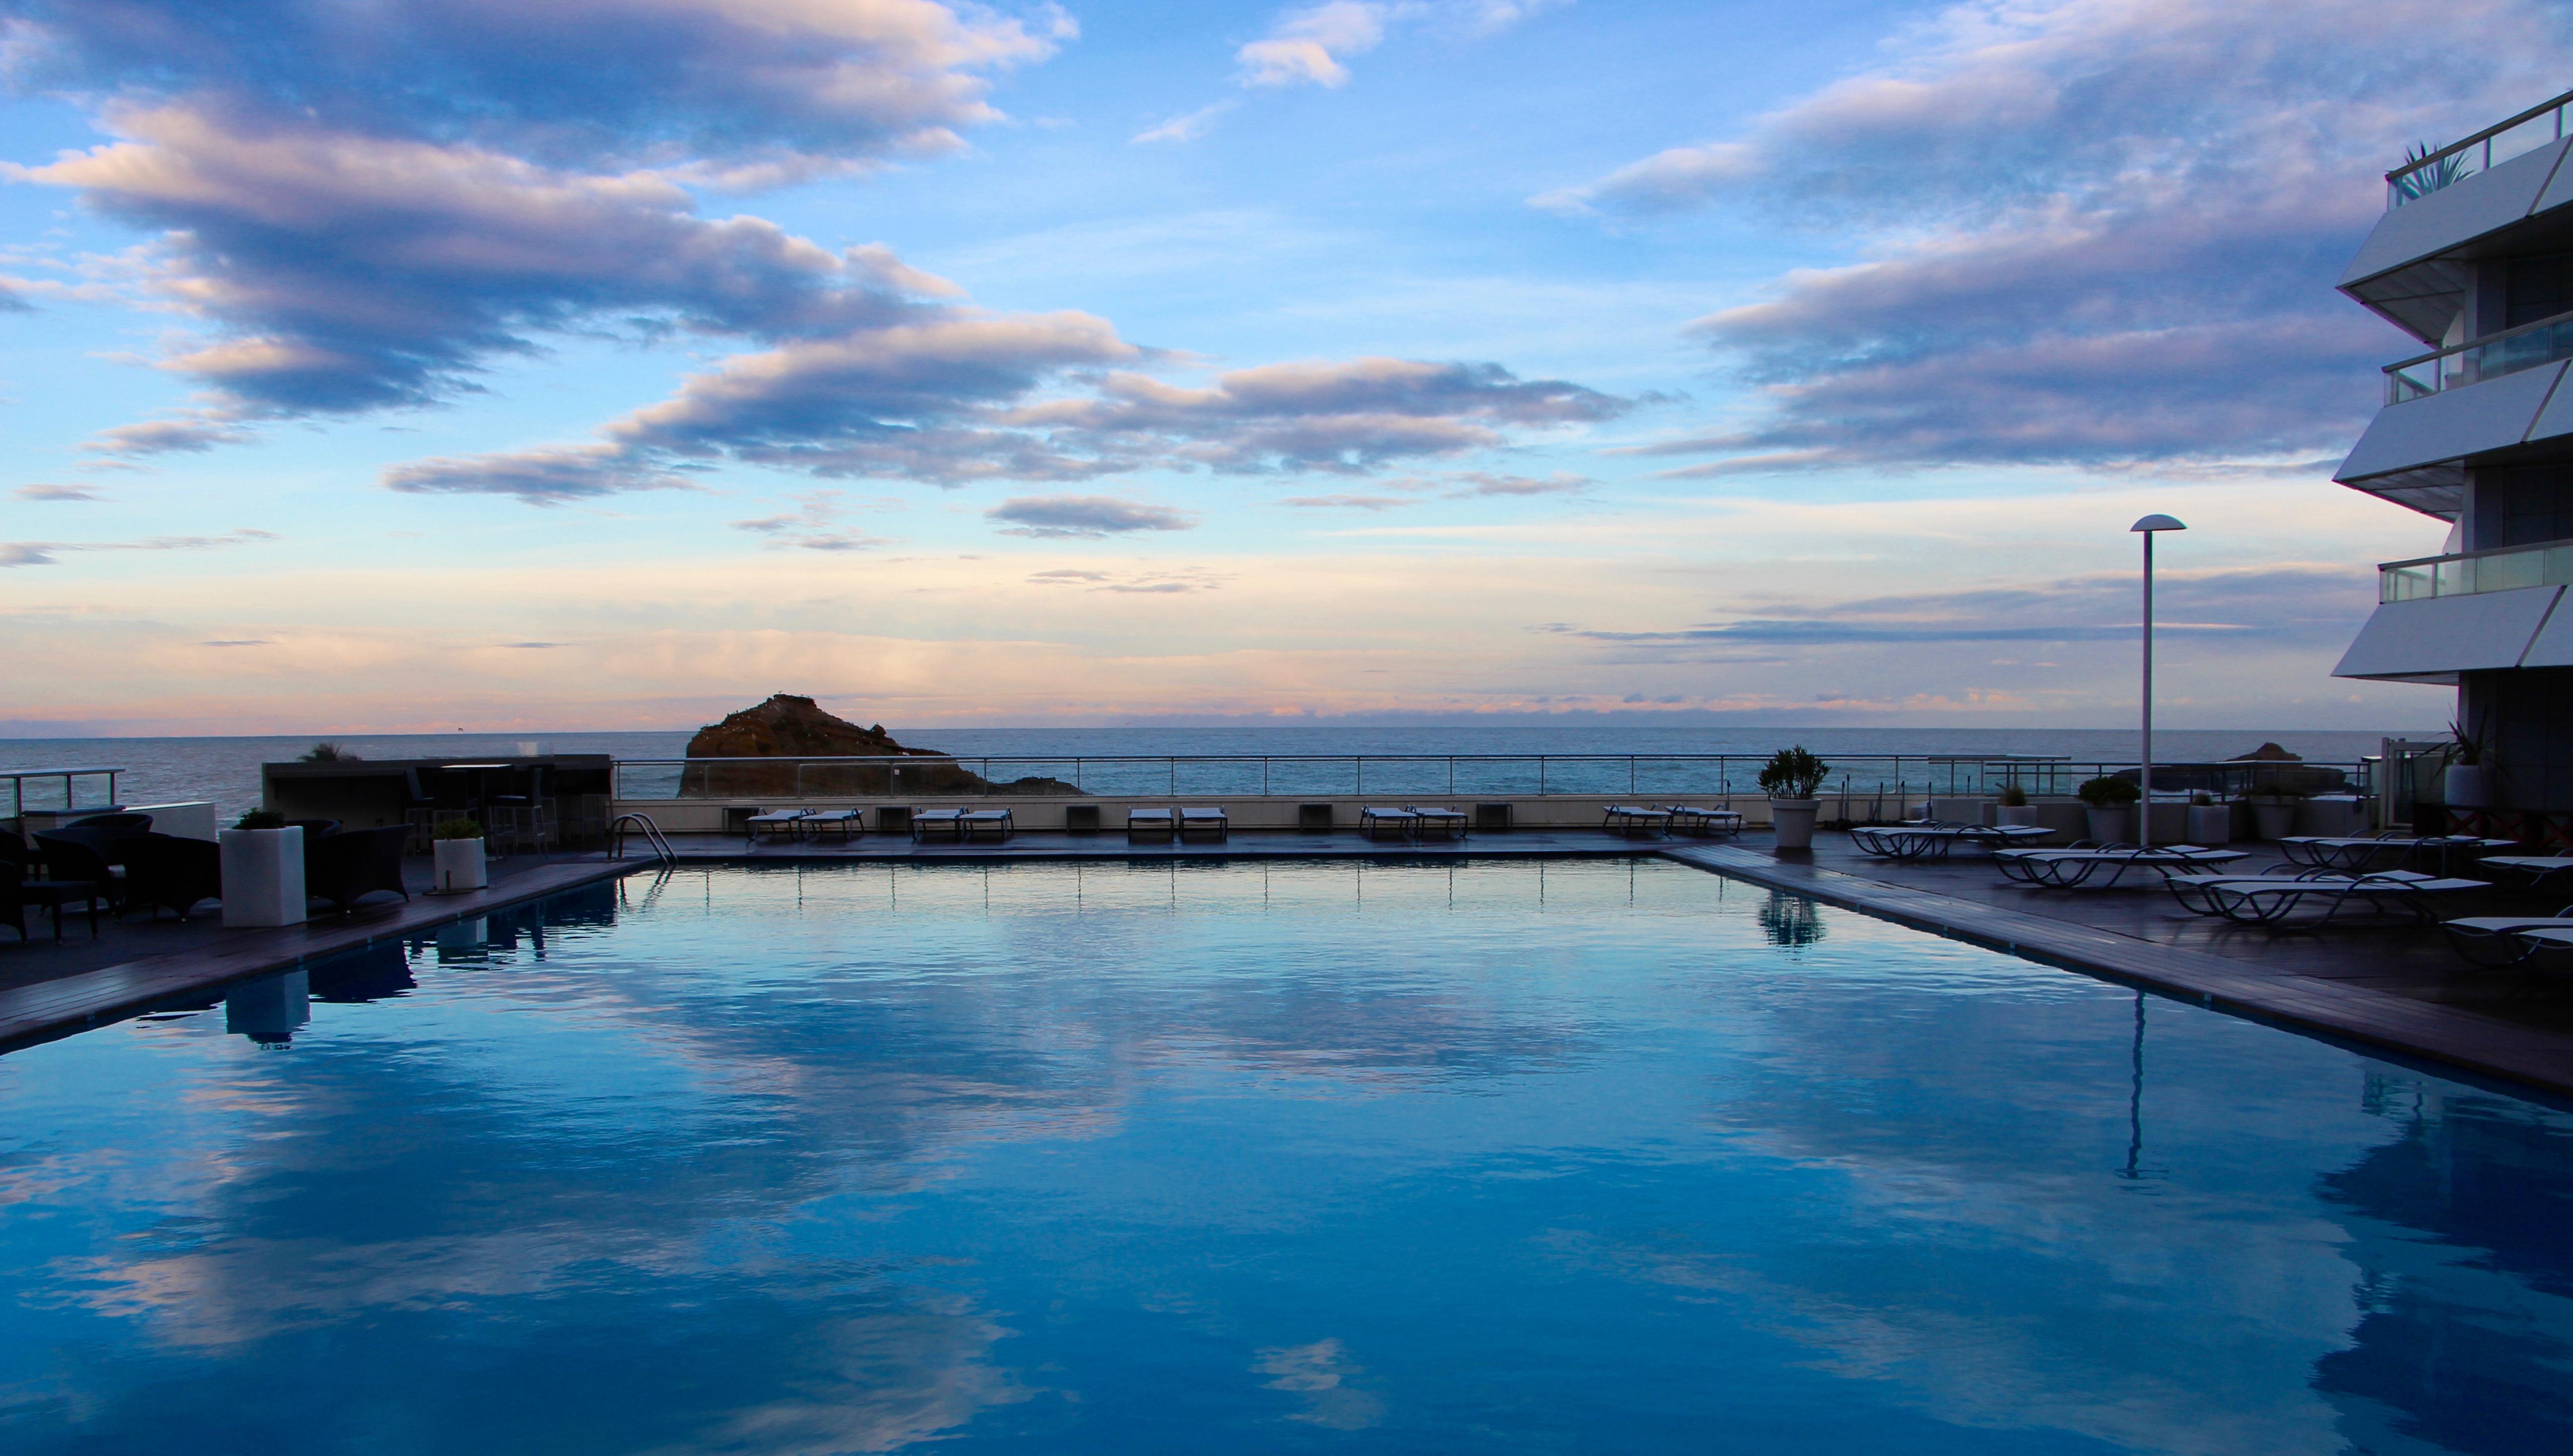 piscine eau de mer sofitel biarritz